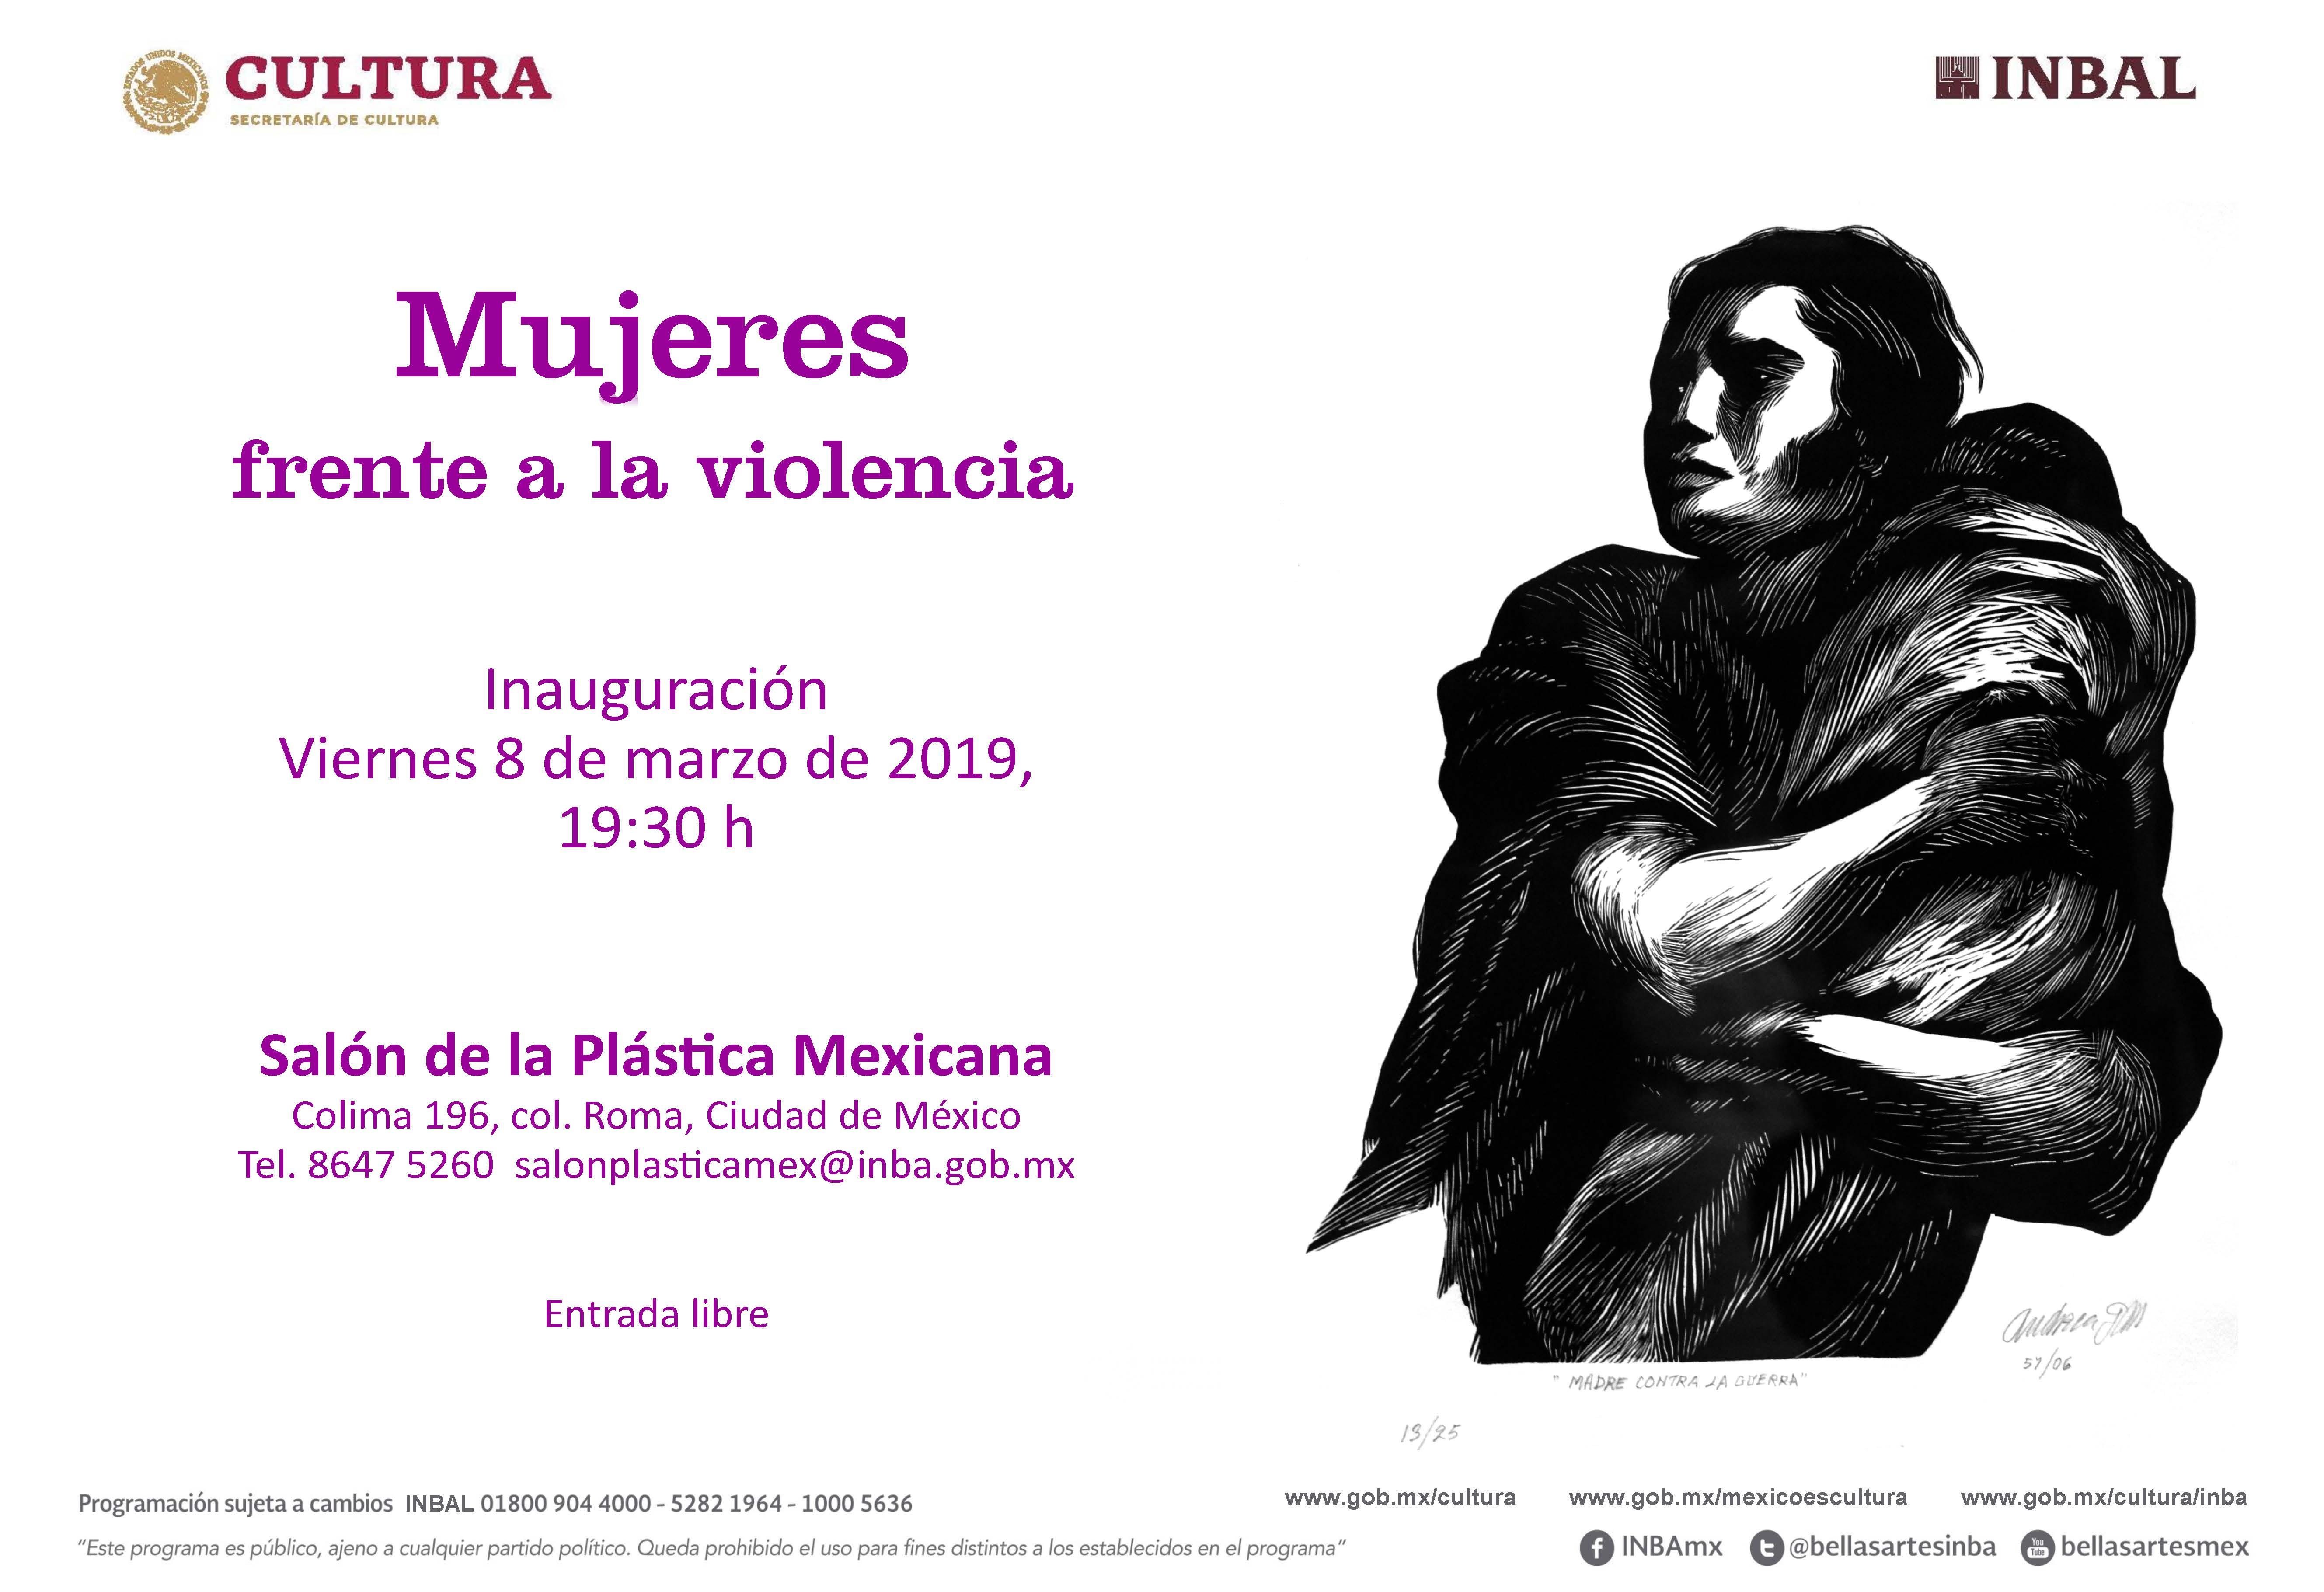 Mujeres frente a la violencia